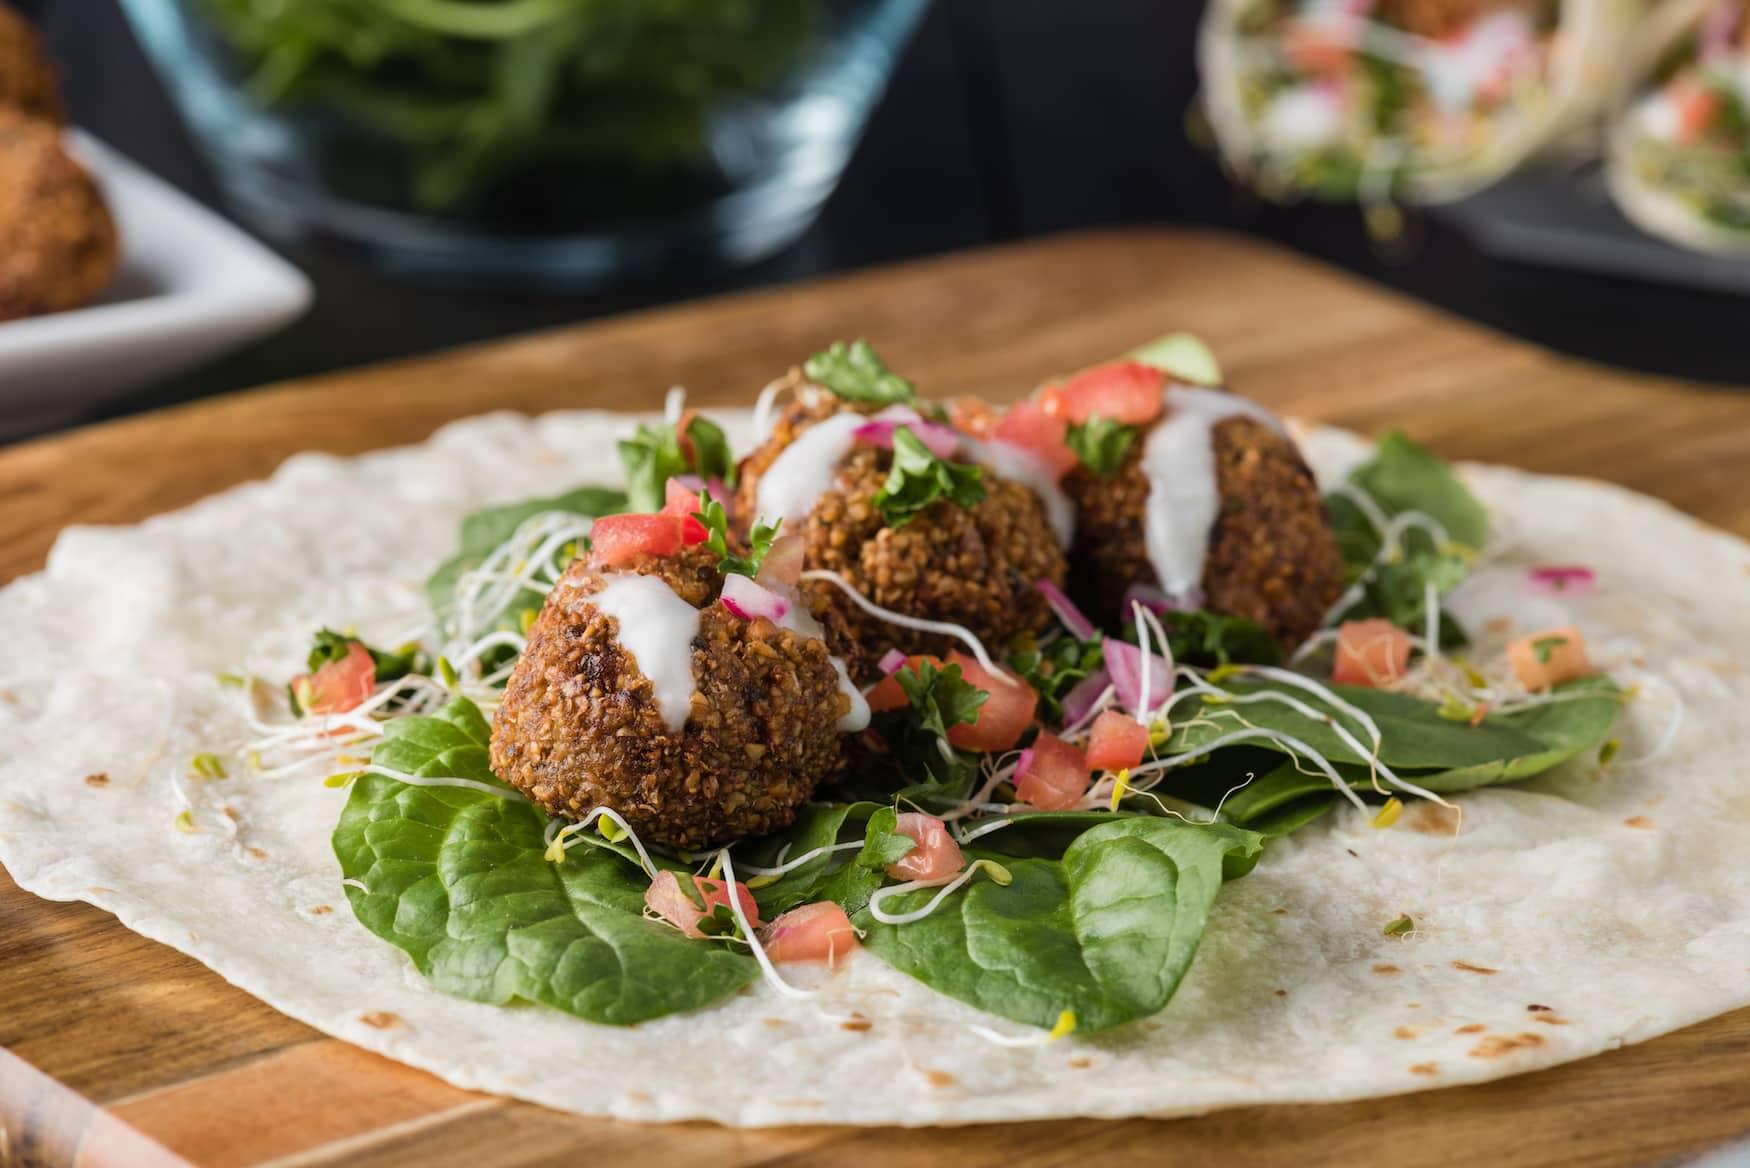 Streetfood aus Israel: Falafel mit Hummus